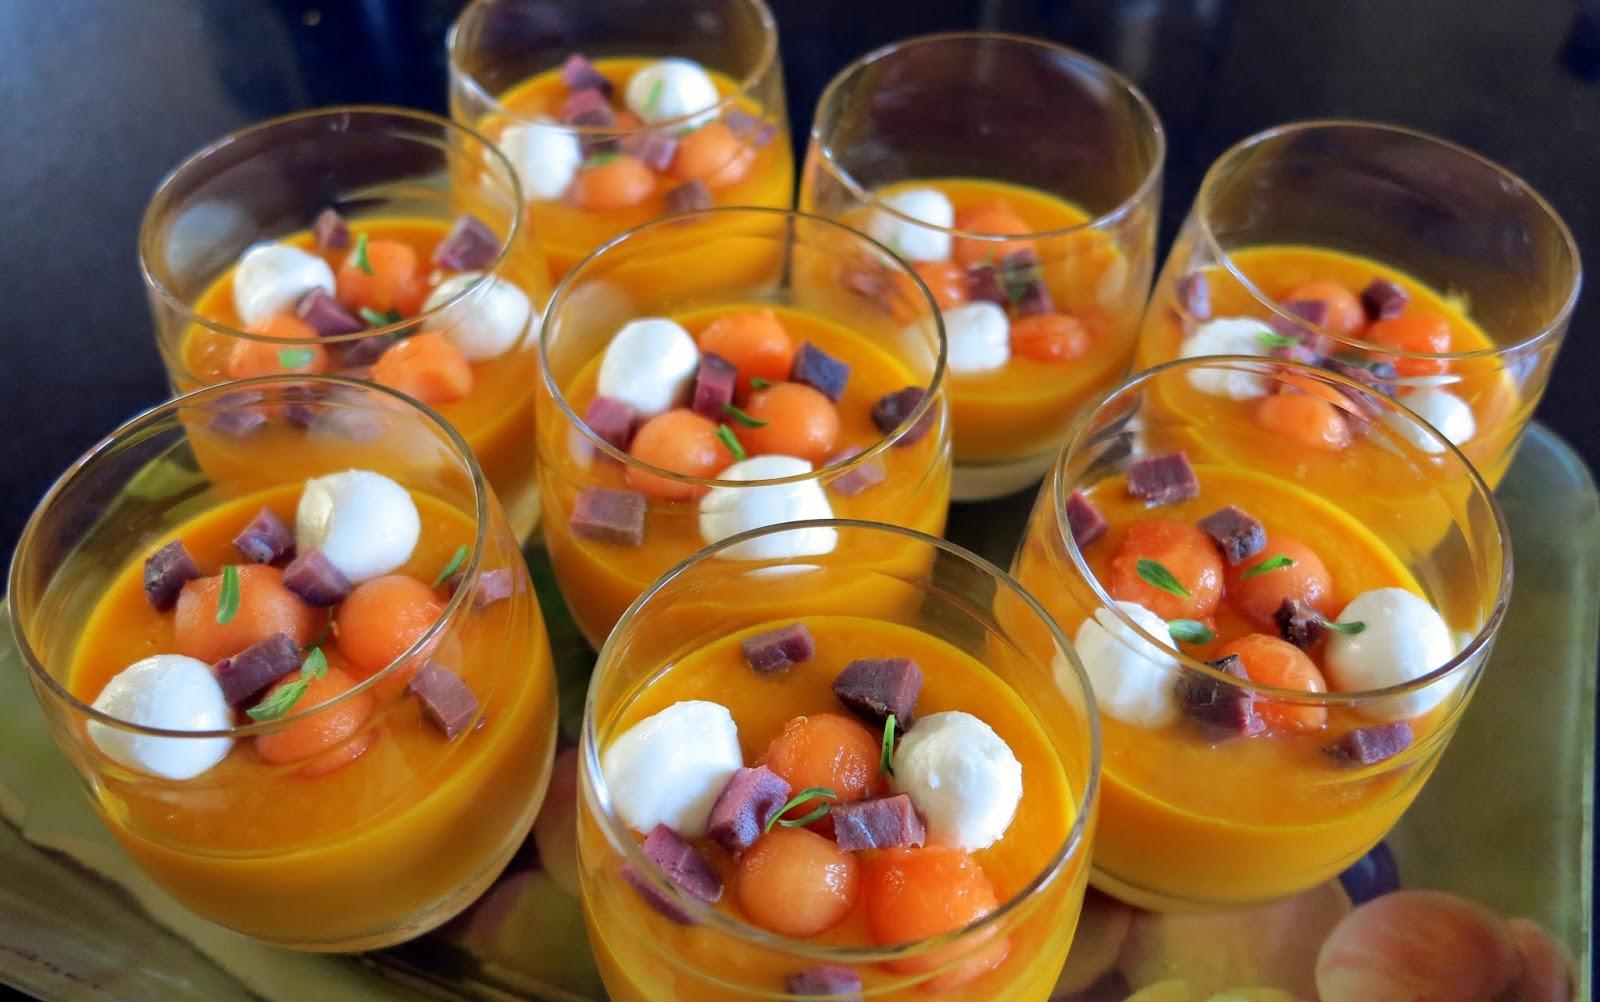 ambiances et gourmandises de mj soupe de melon et carottes au gingembre. Black Bedroom Furniture Sets. Home Design Ideas